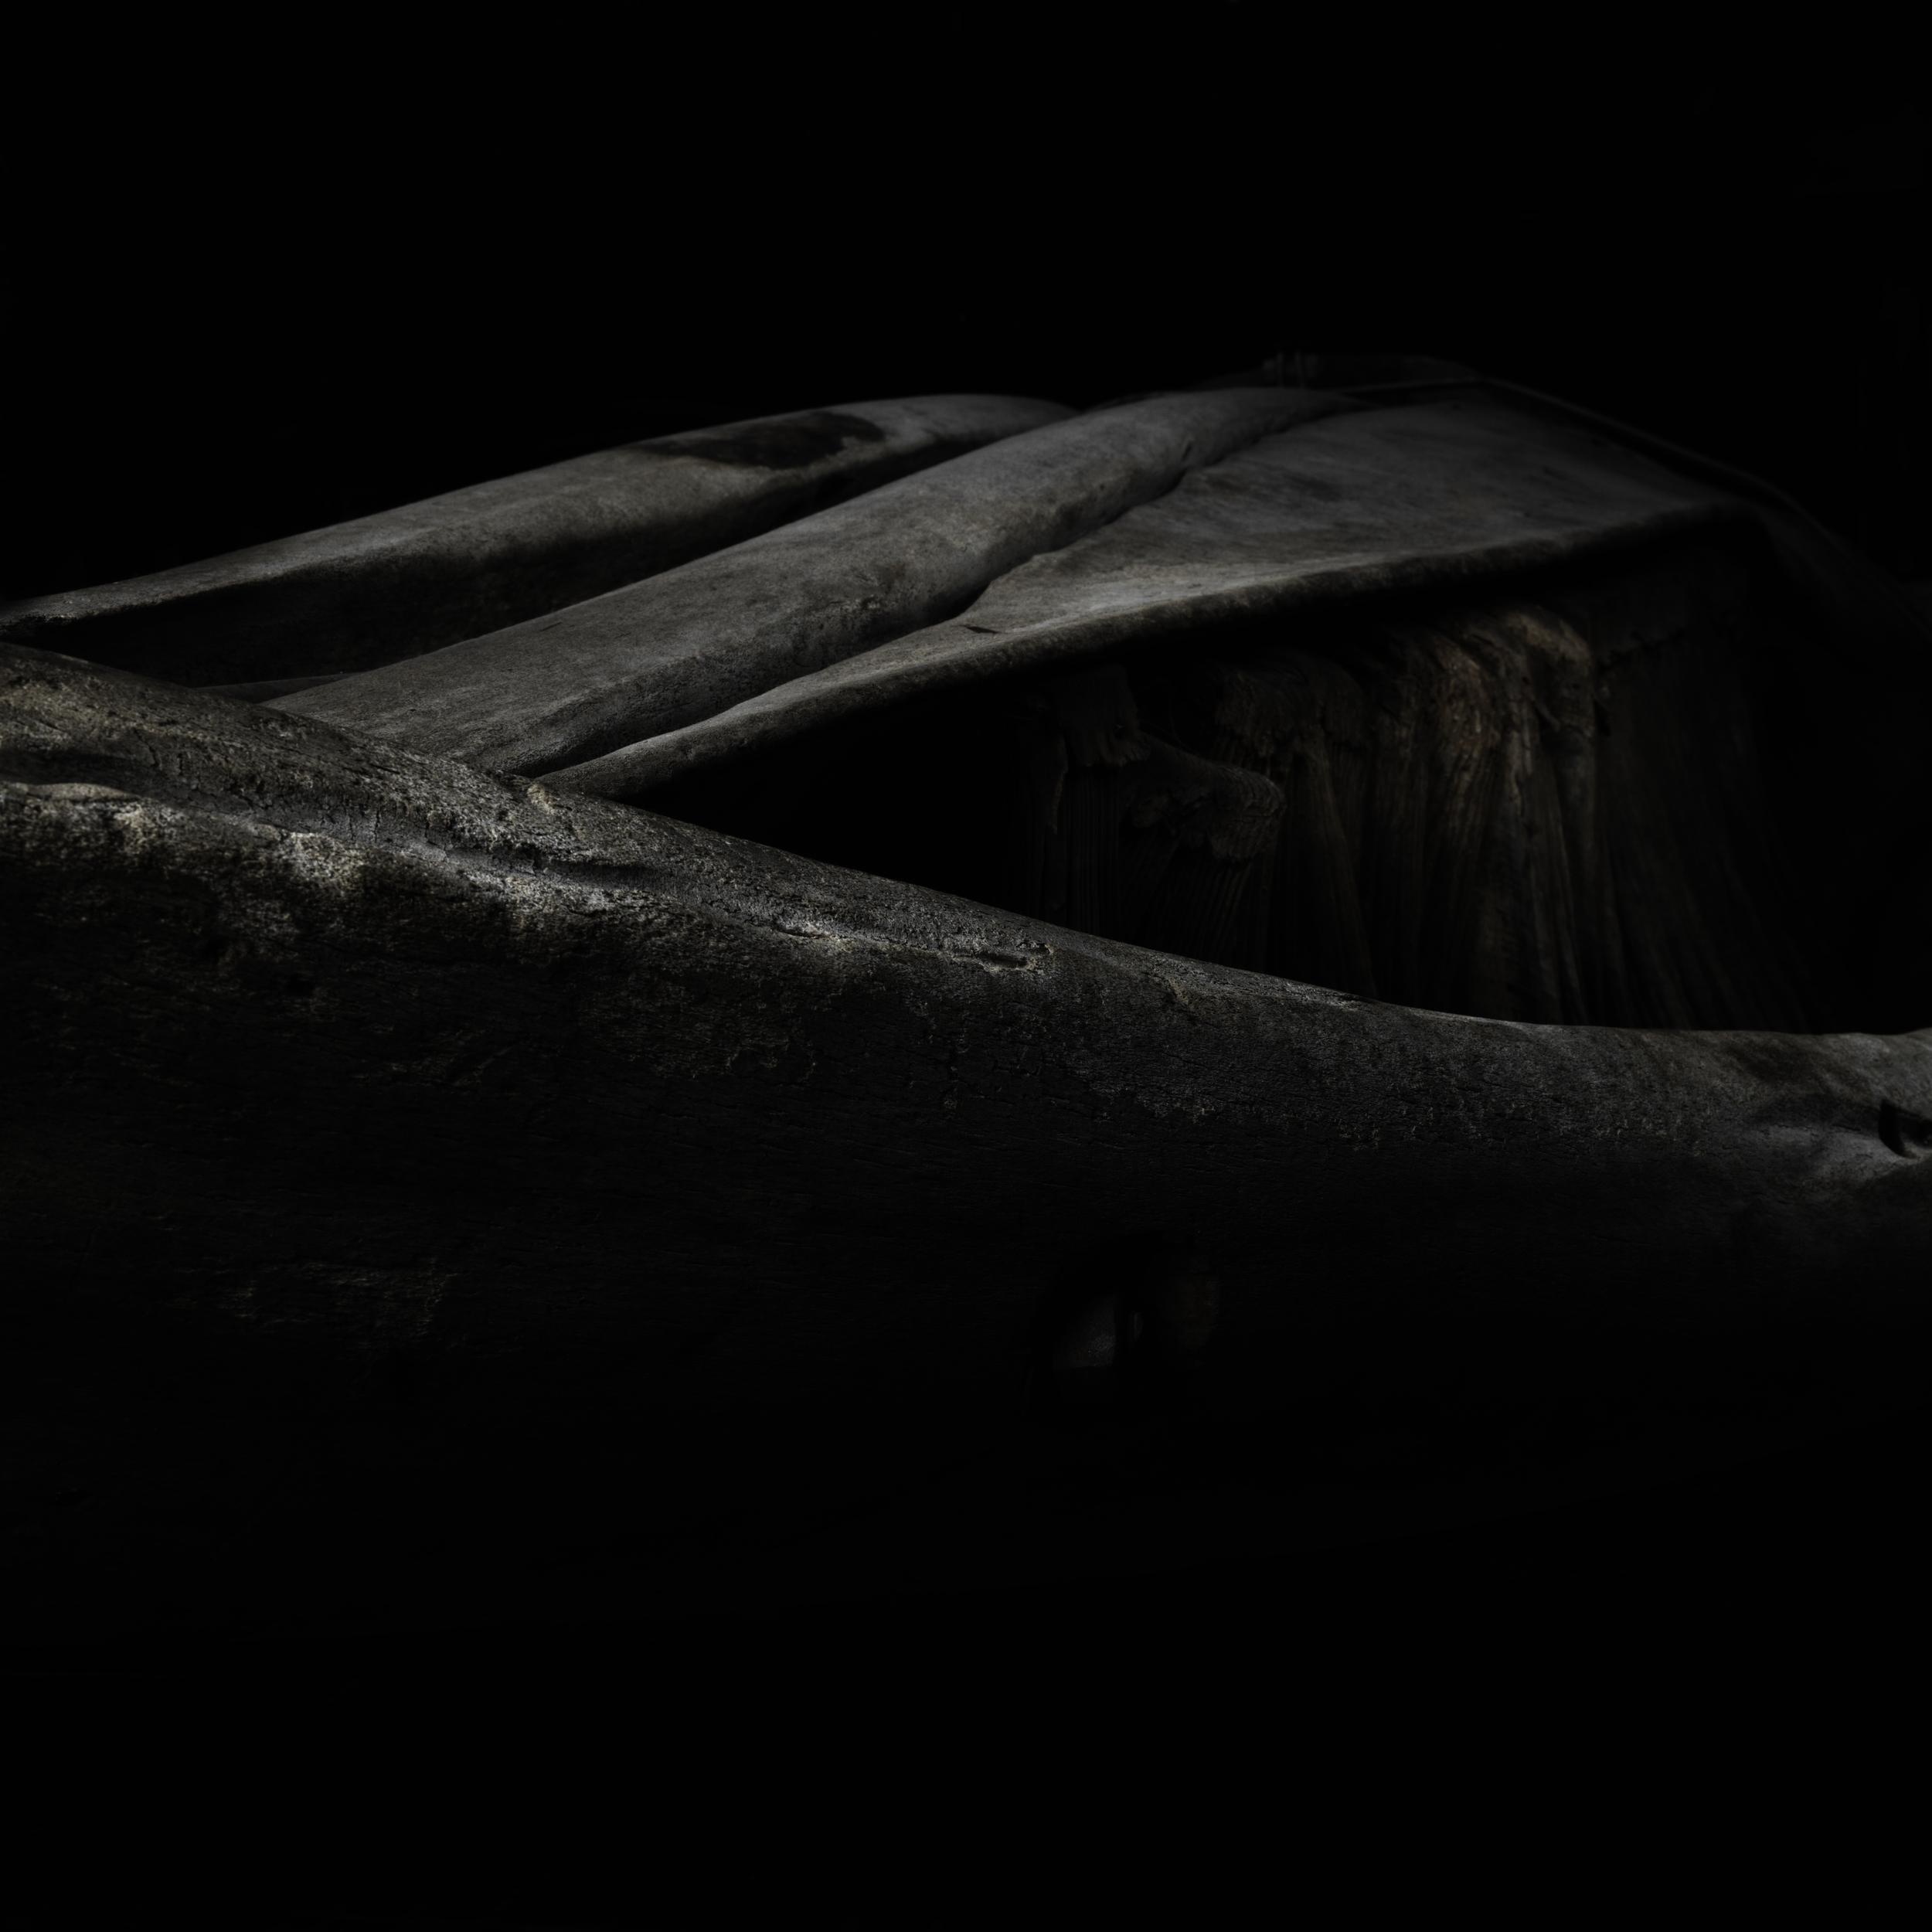 Whale bone #3